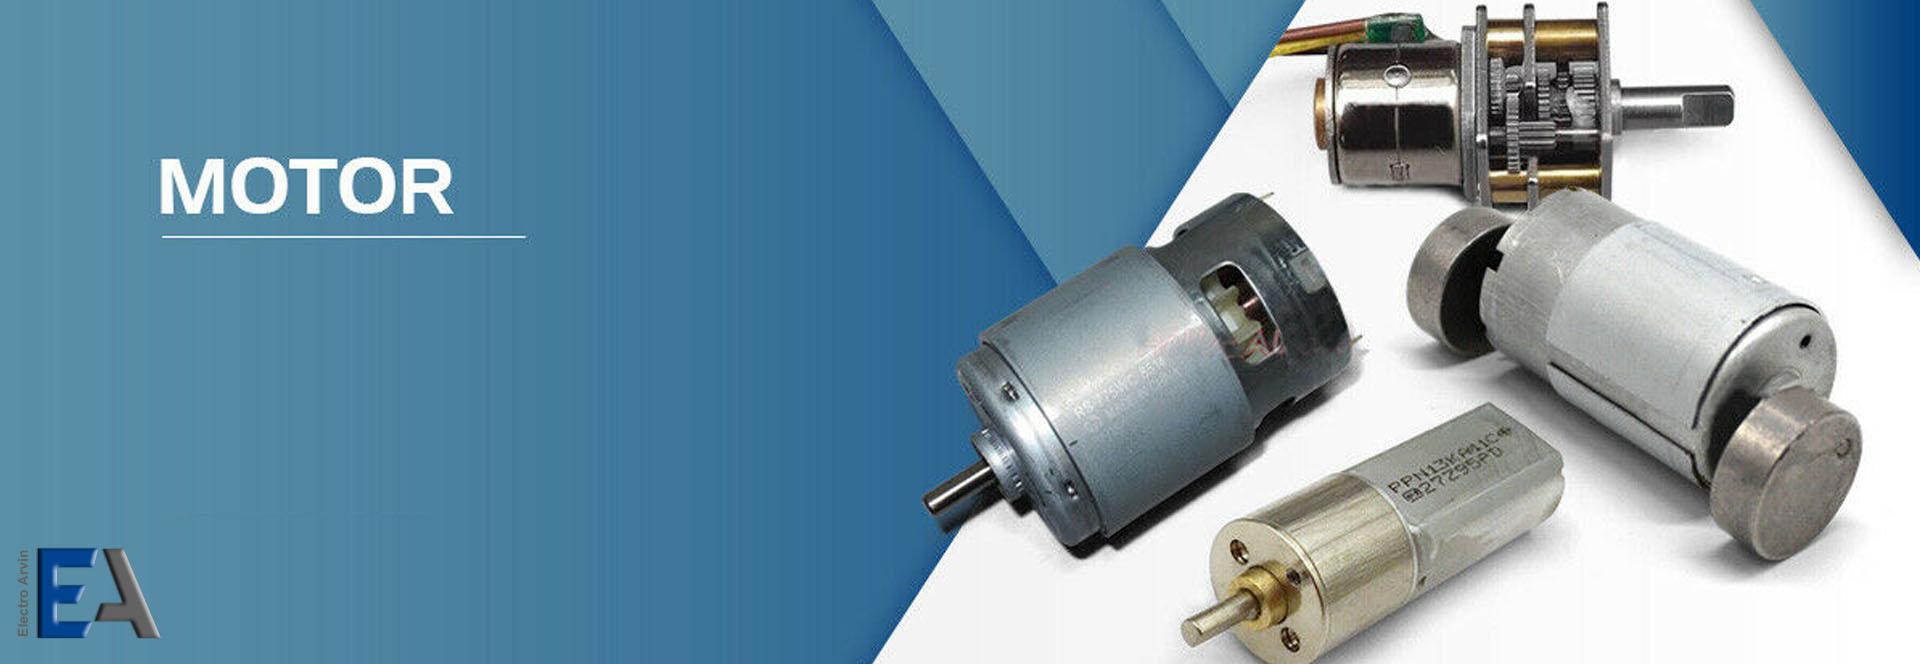 فروش-ویژه-انواع-آرمیچر-موتور-دی-سی-موتور-و-آرمیچر-گیربوکس-دار.